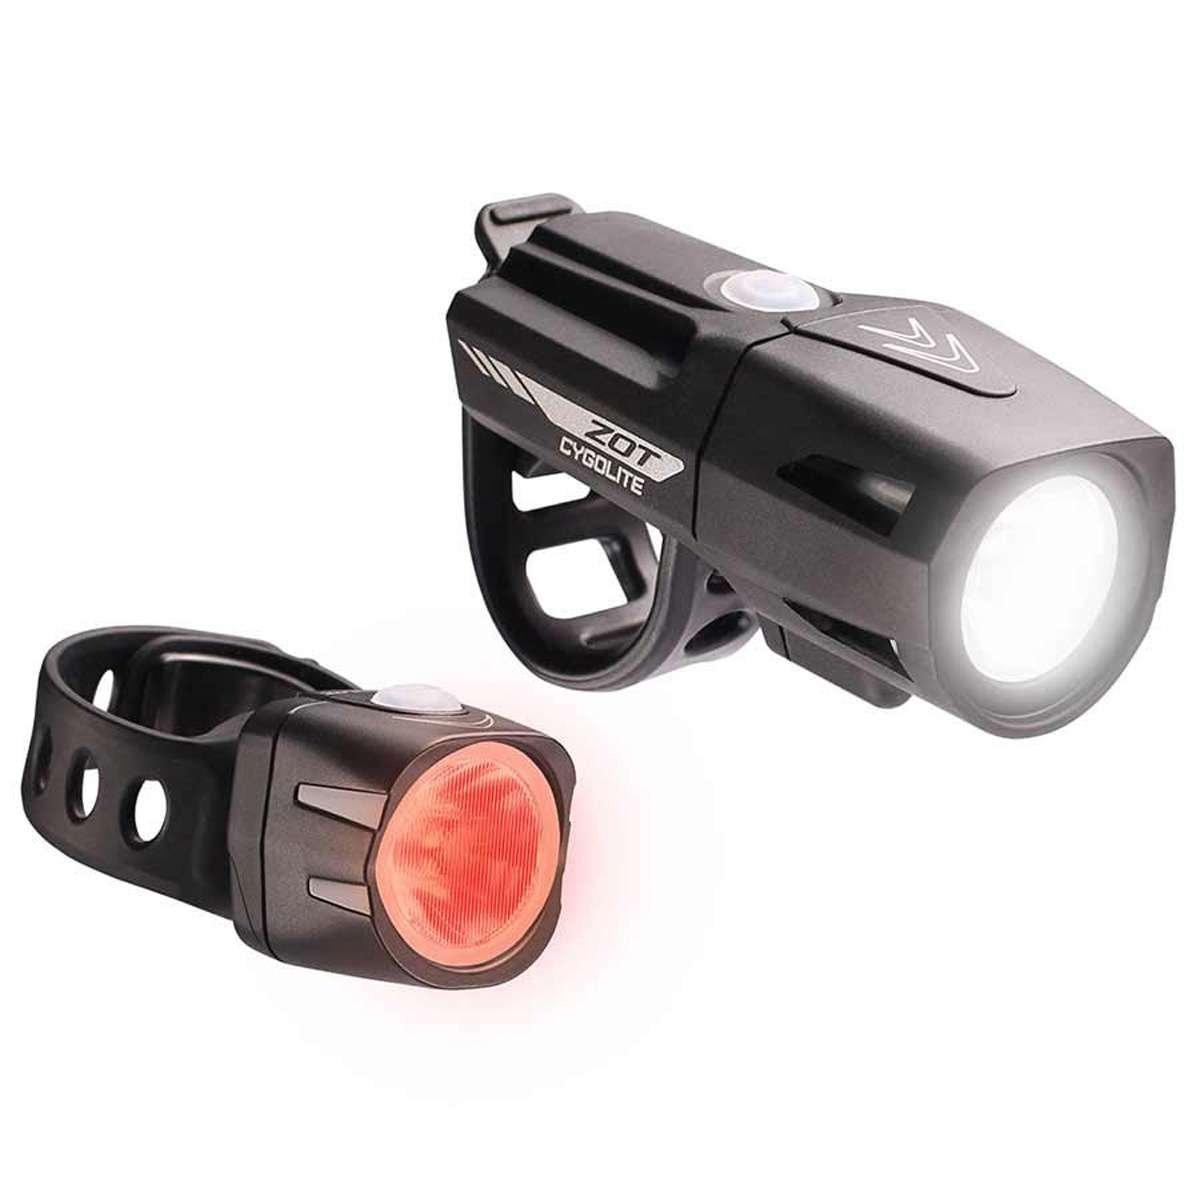 Cygolite Bike Light 450 Lumen USB Rechargeable Streak 450